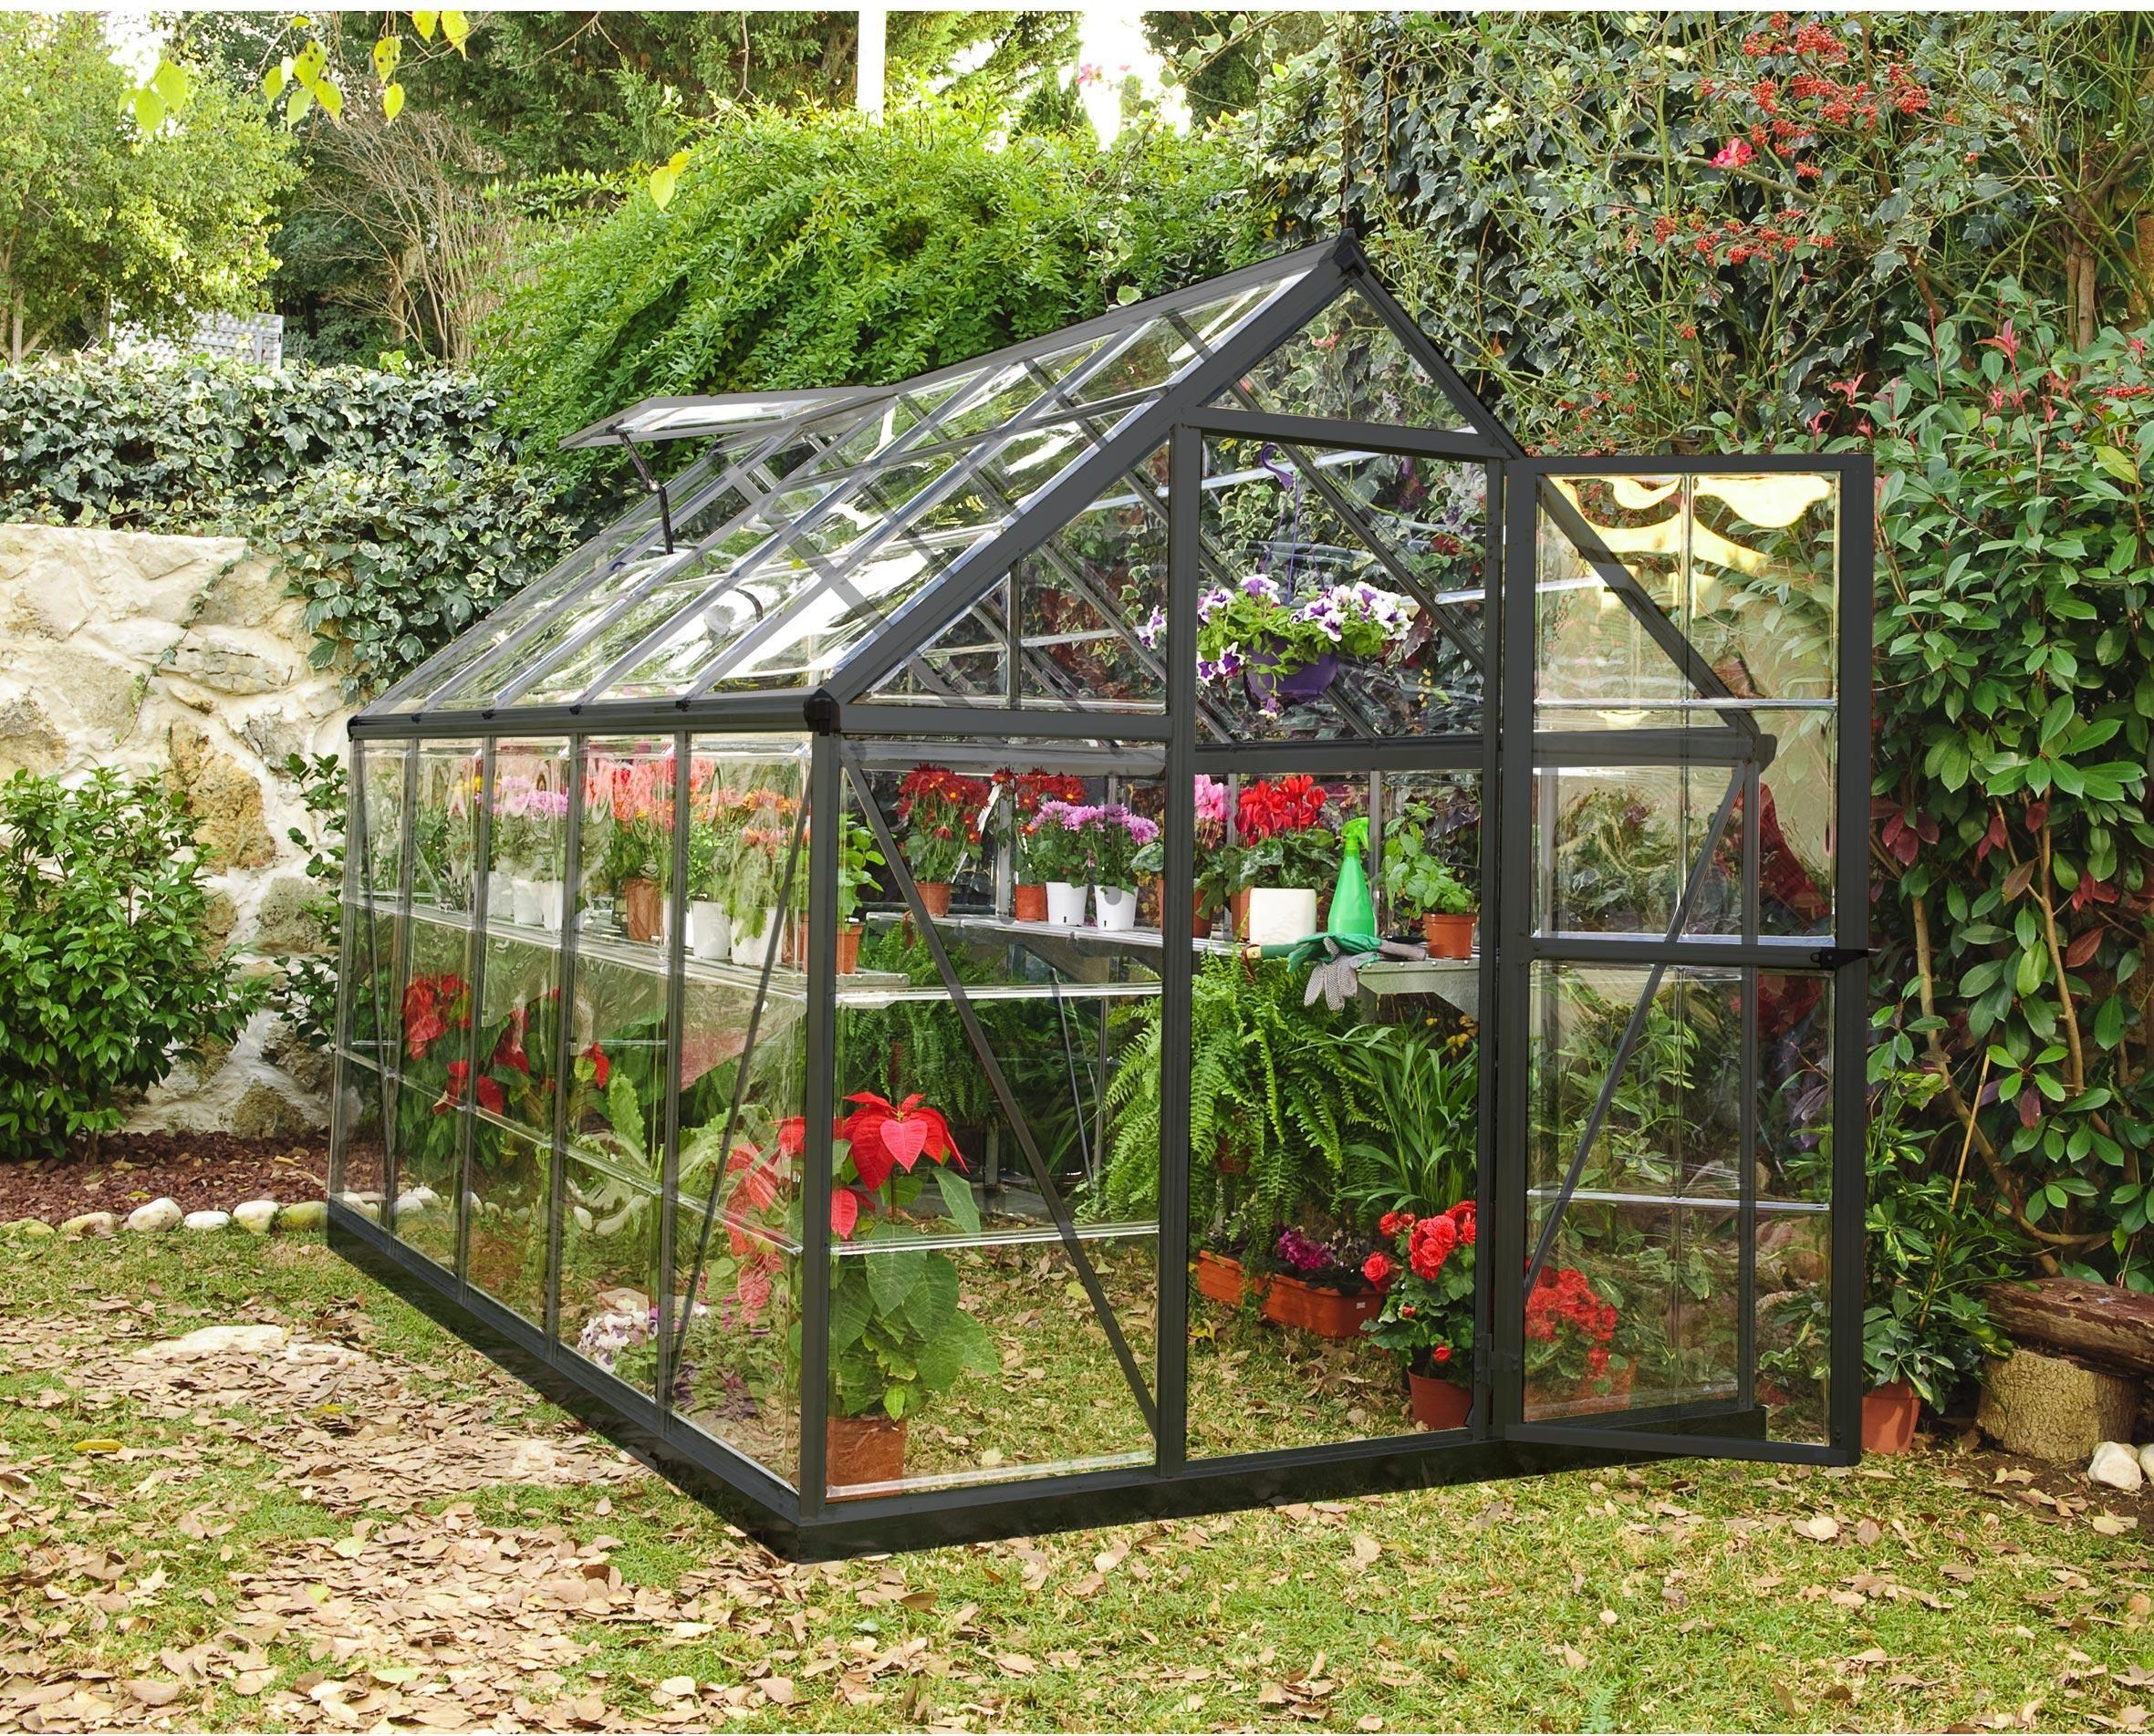 Serre De Jardin Alu Et Polycarbonate Palram Harmony, 5.6 M² ... avec Serre De Jardin Leroy Merlin